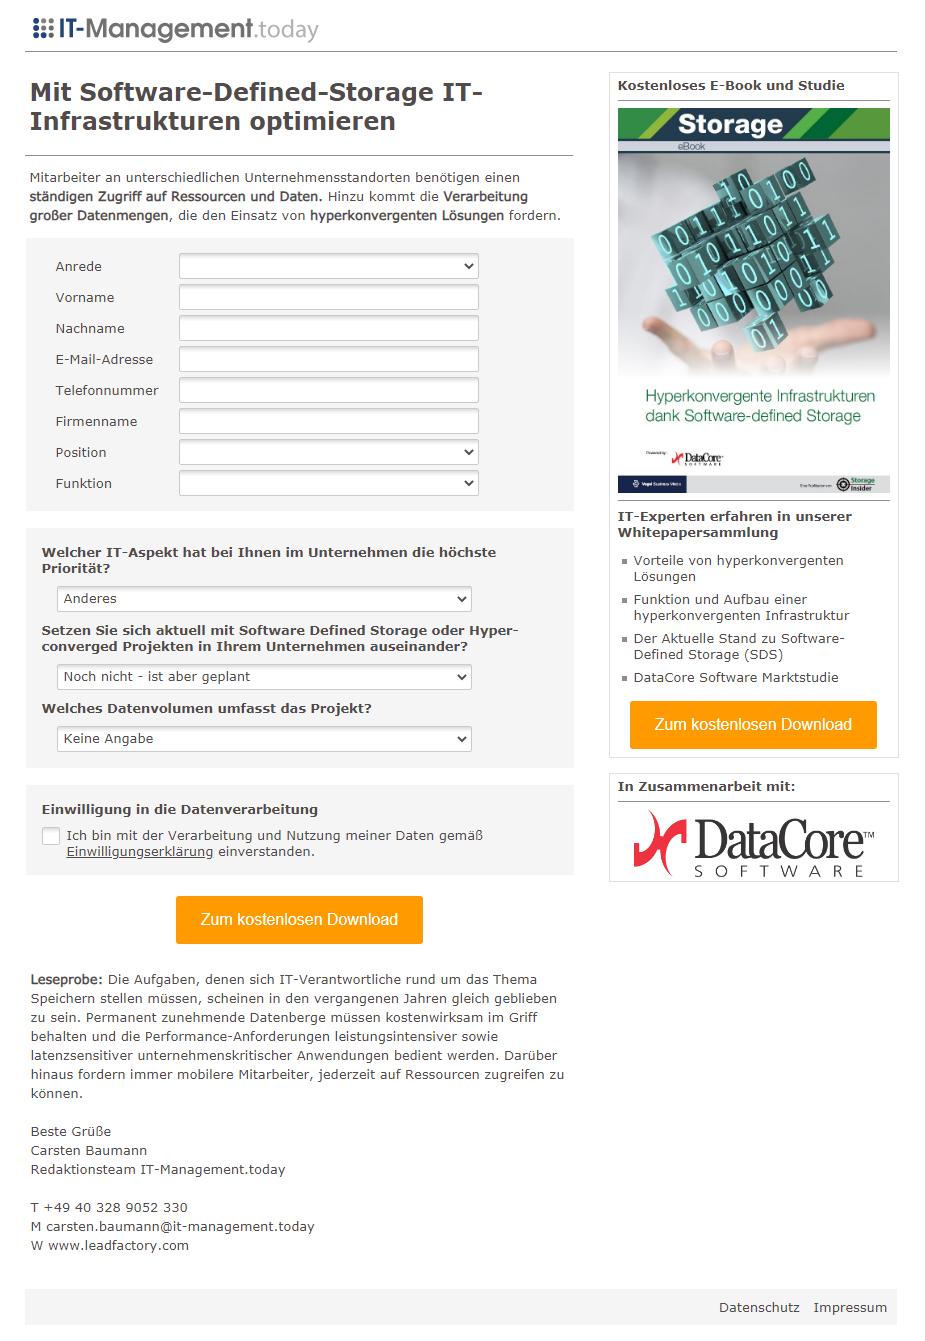 Referenzkampagne_DataCore_Mit Software-Defined-Storage IT-Infrastrukturen optimieren